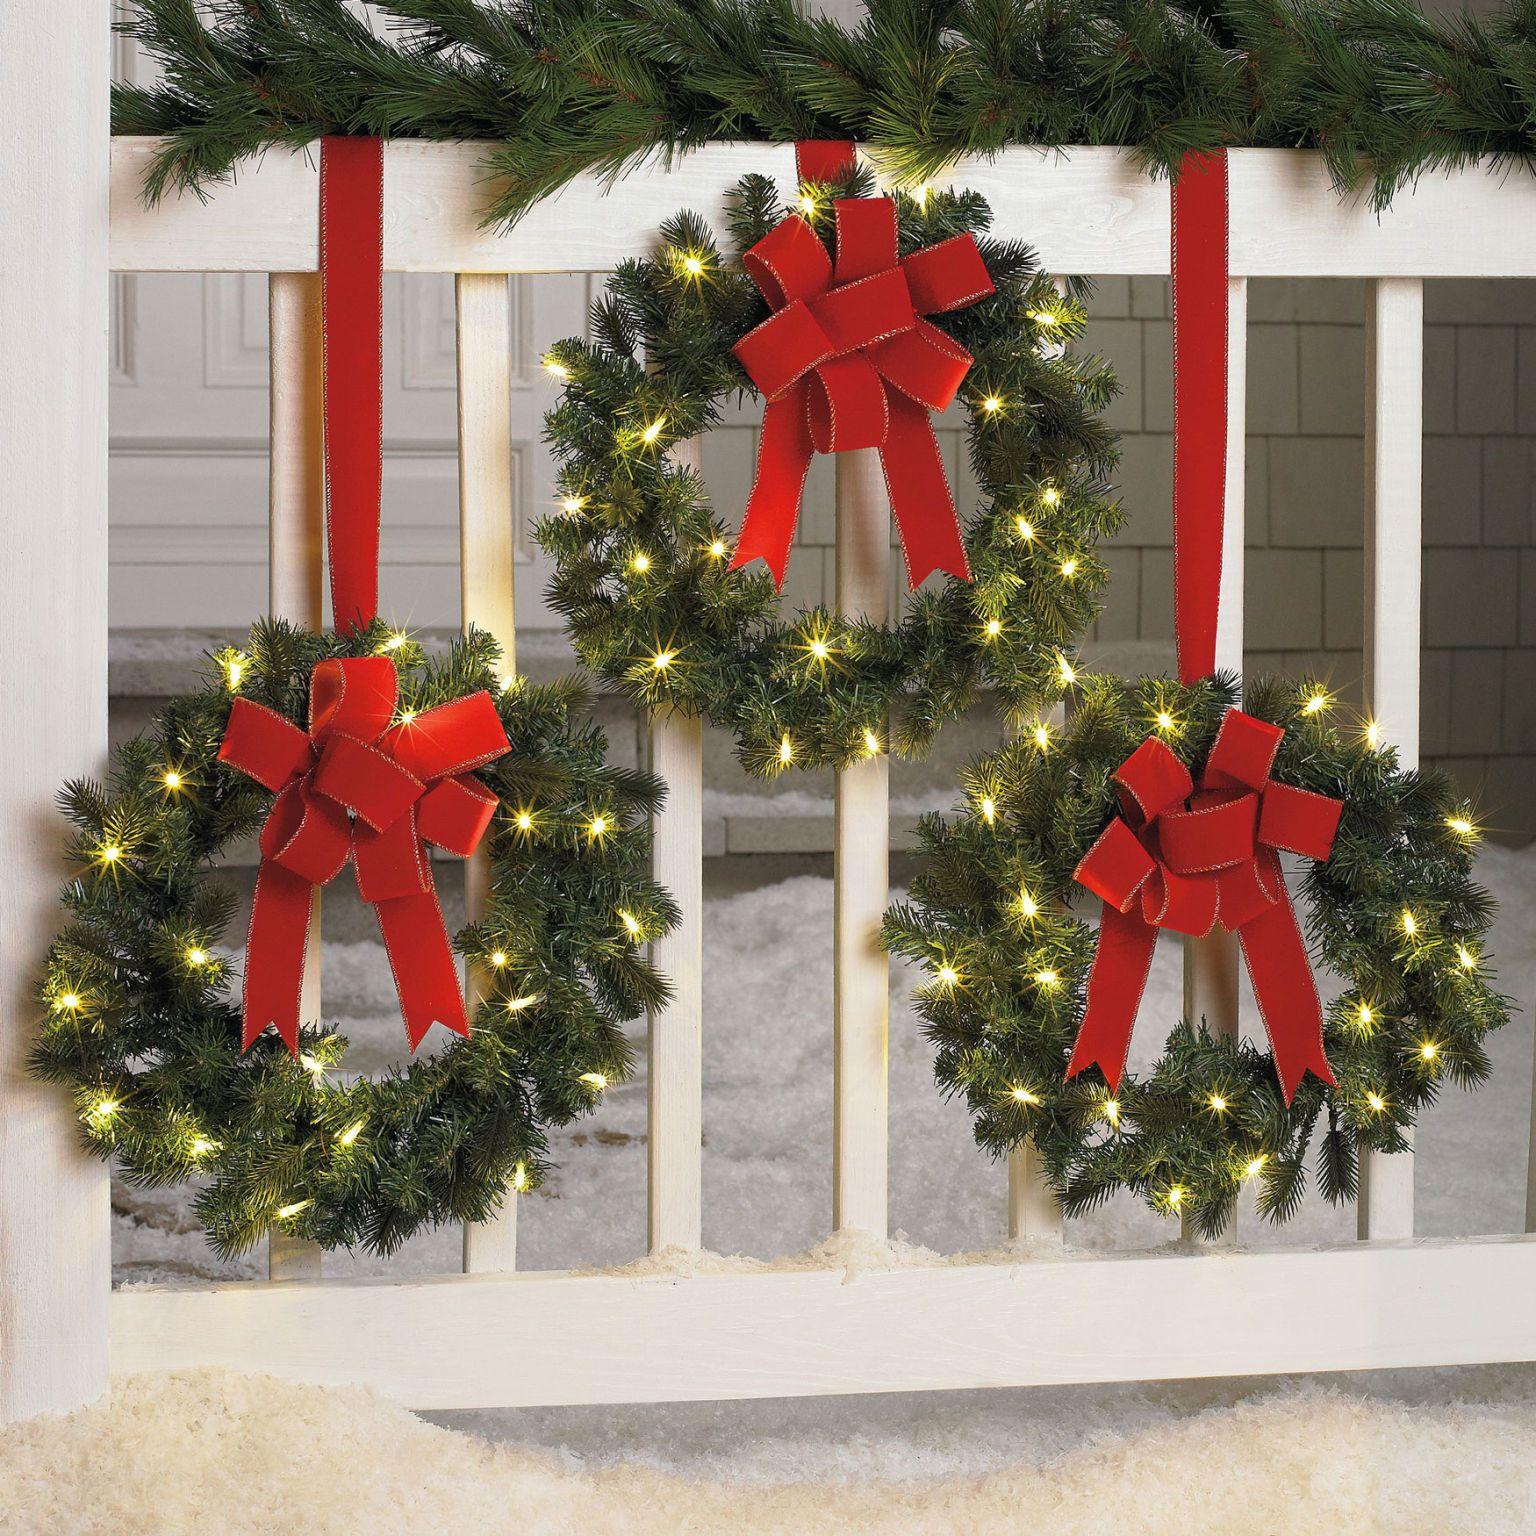 Christmas Wreaths Fence Decor